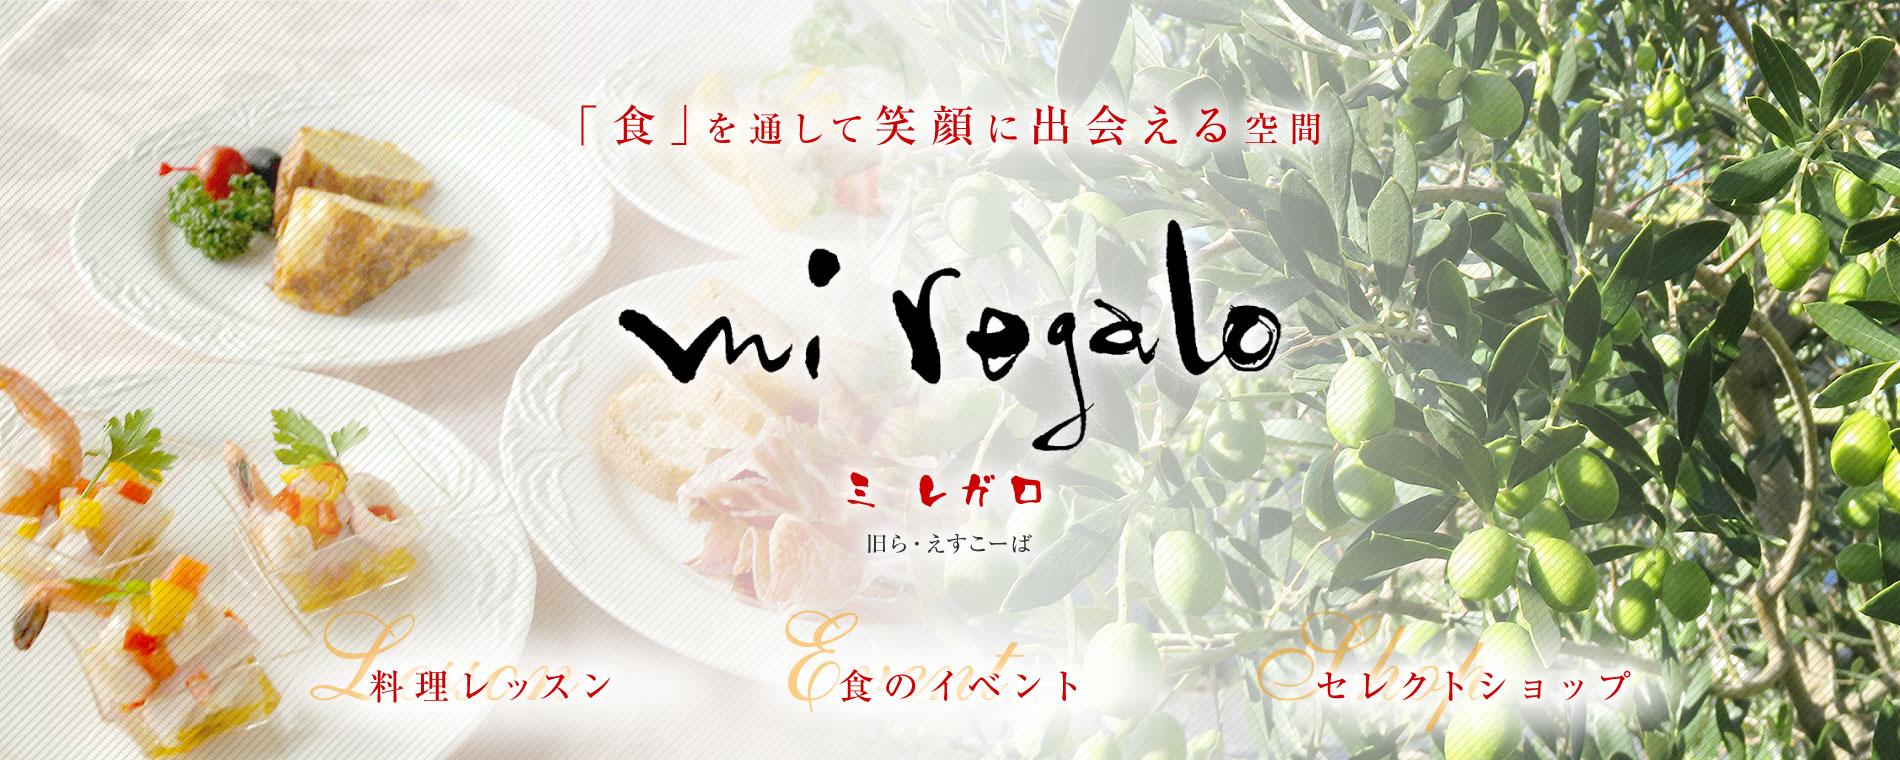 料理レッスン・食のイベント・セレクトショップ mi regalo(ミ レガロ)